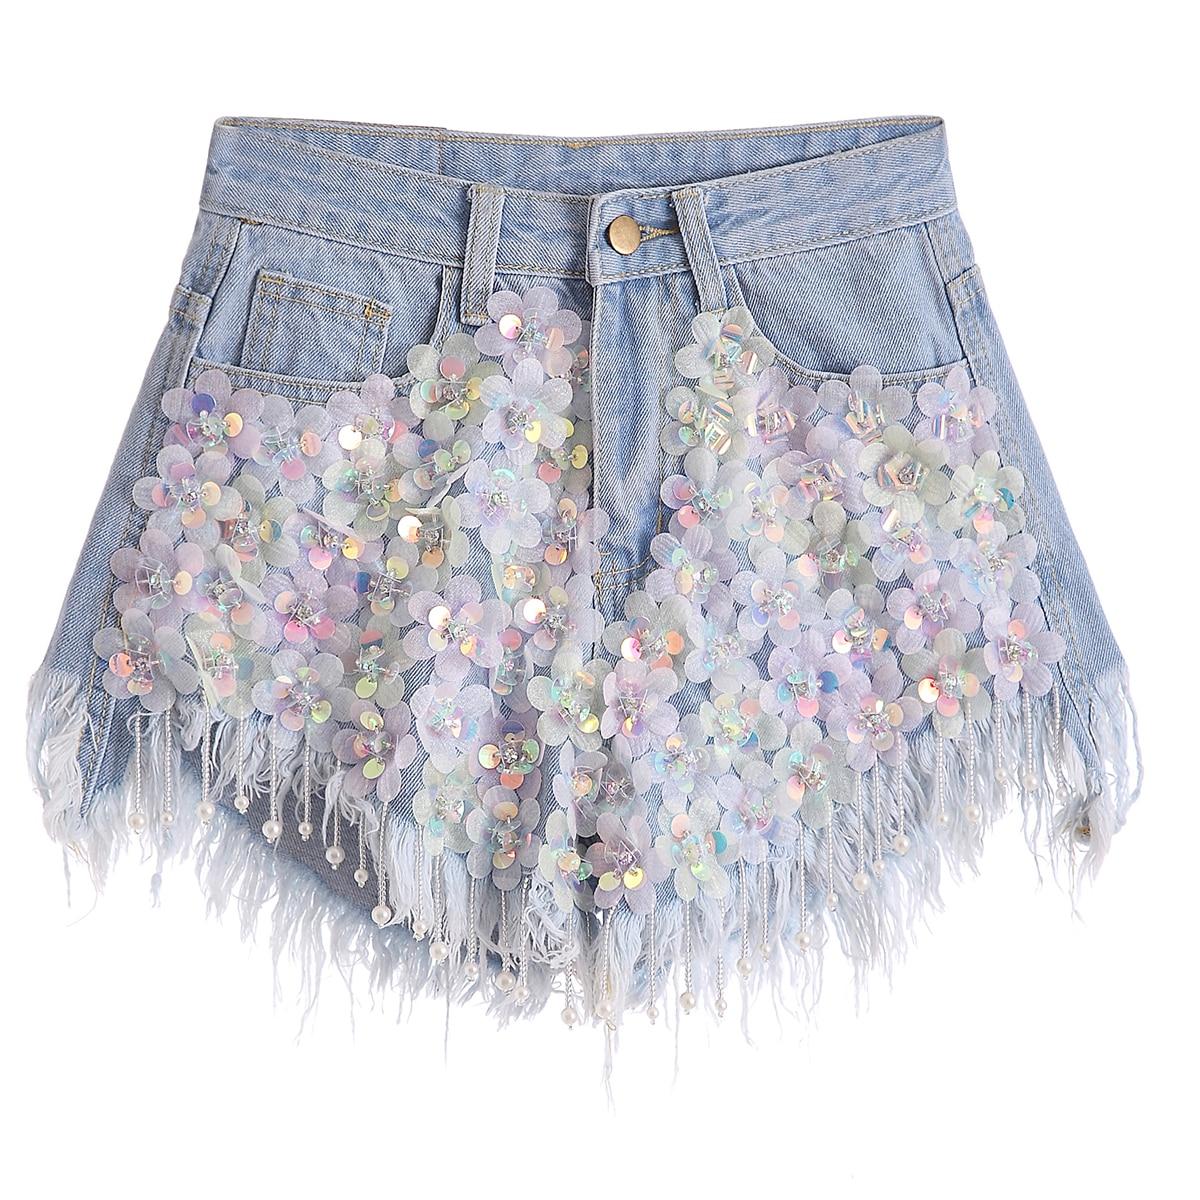 Nappa Denim Nuovo Donna Strass Vita Ed In Paillettes Jeans A Shorts Blue Rilievo blue Heavy 2 Primavera 3 Size A B white Fiore Estate 4 Di 1 5 A 6 Moda Alta blue T6vqTwEx